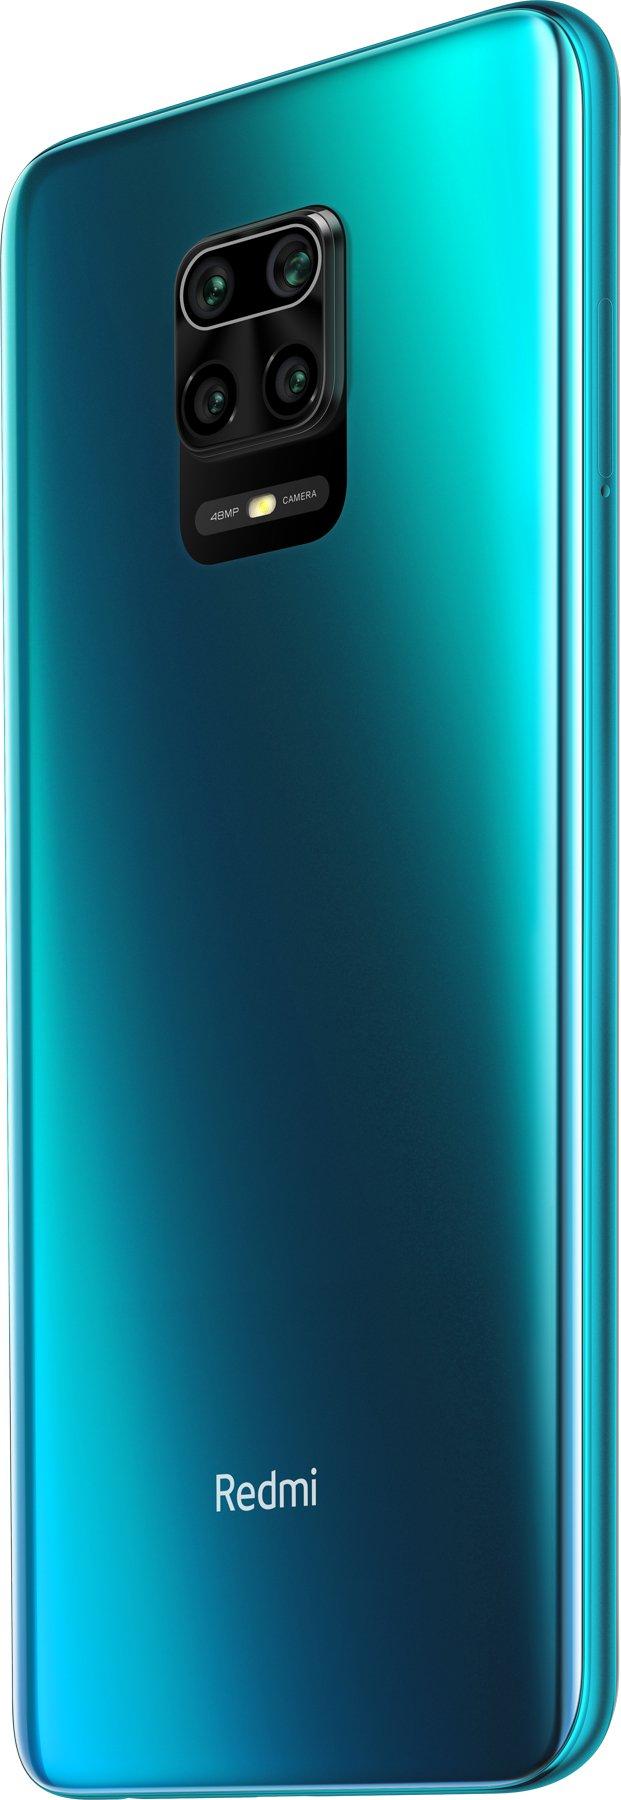 Xiaomi Redmi Note 9S 6GB/128GB BLUE - 4